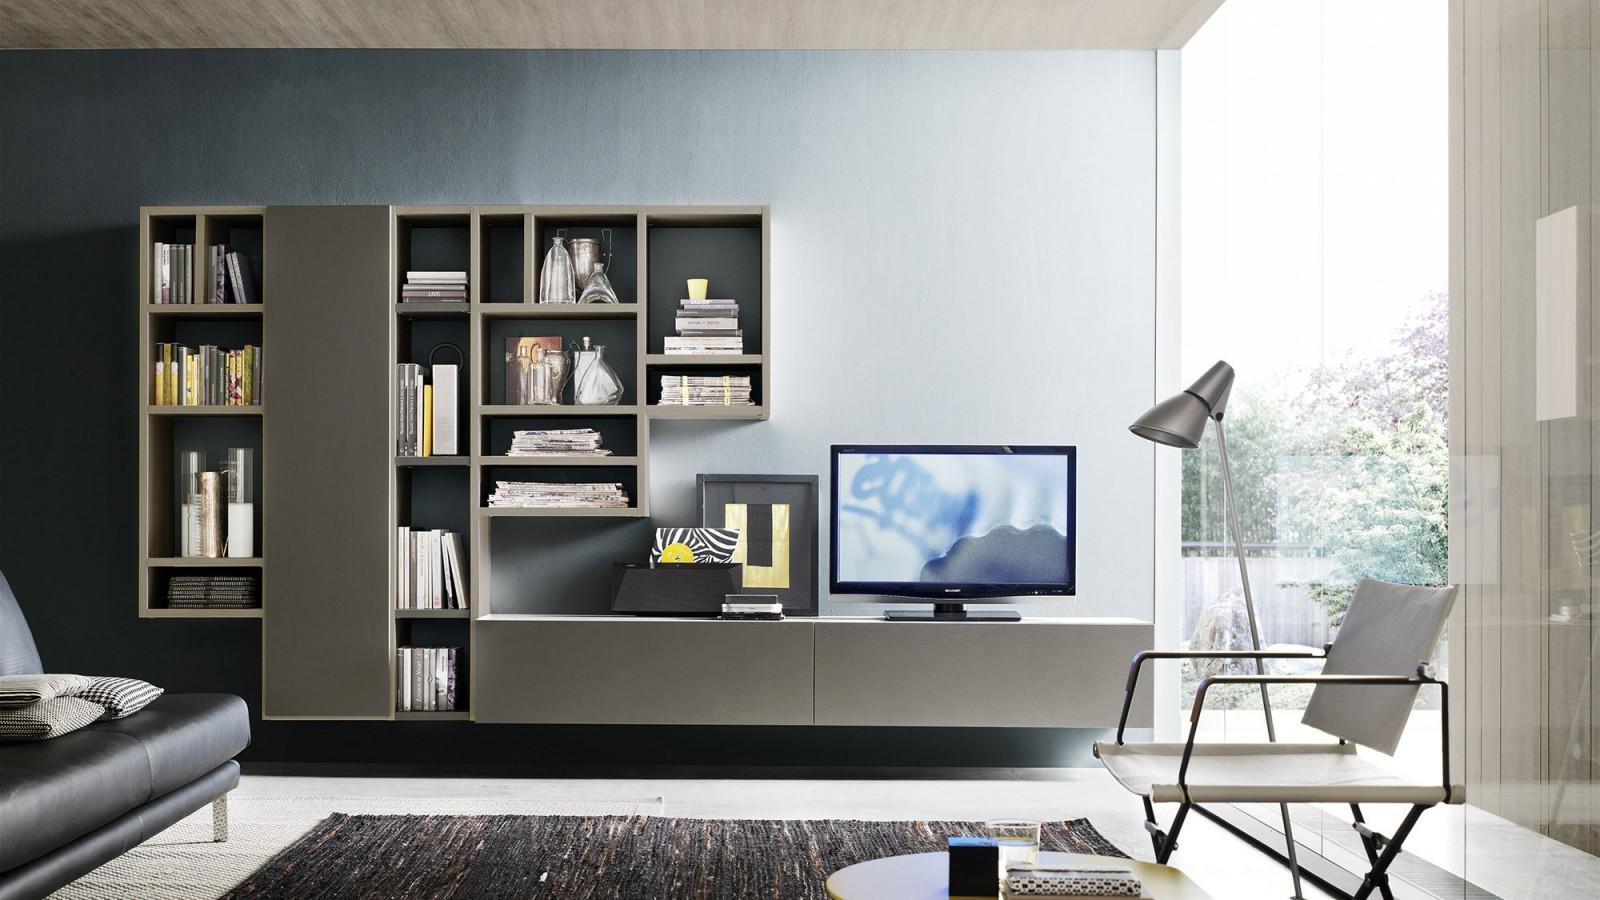 Soggiorno libreria componibile e moduli sospesi di alto design Comp ...